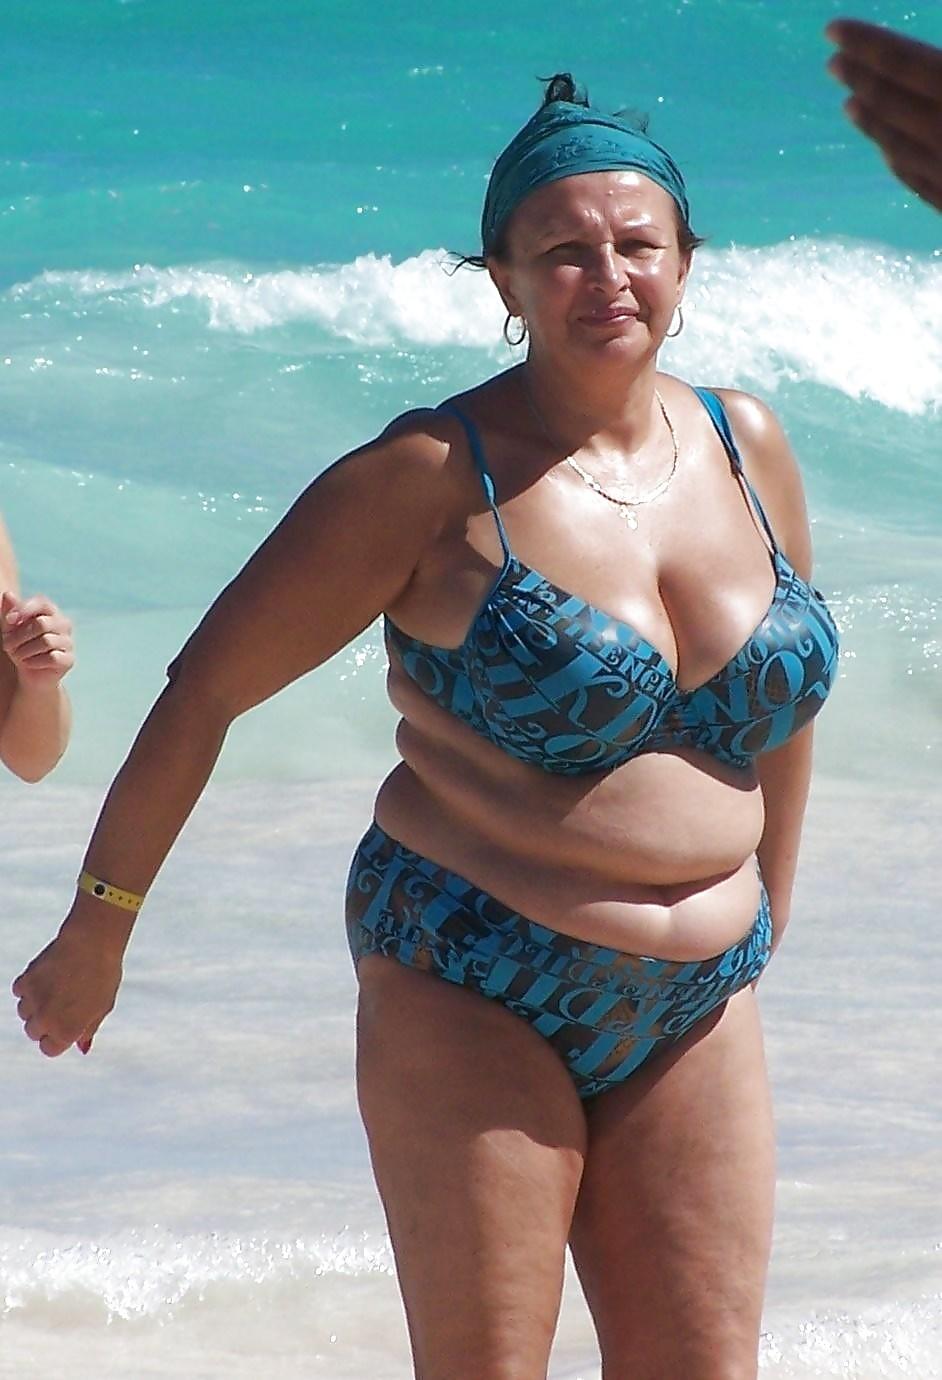 fat-mature-bikini-shaw-brothers-erotic